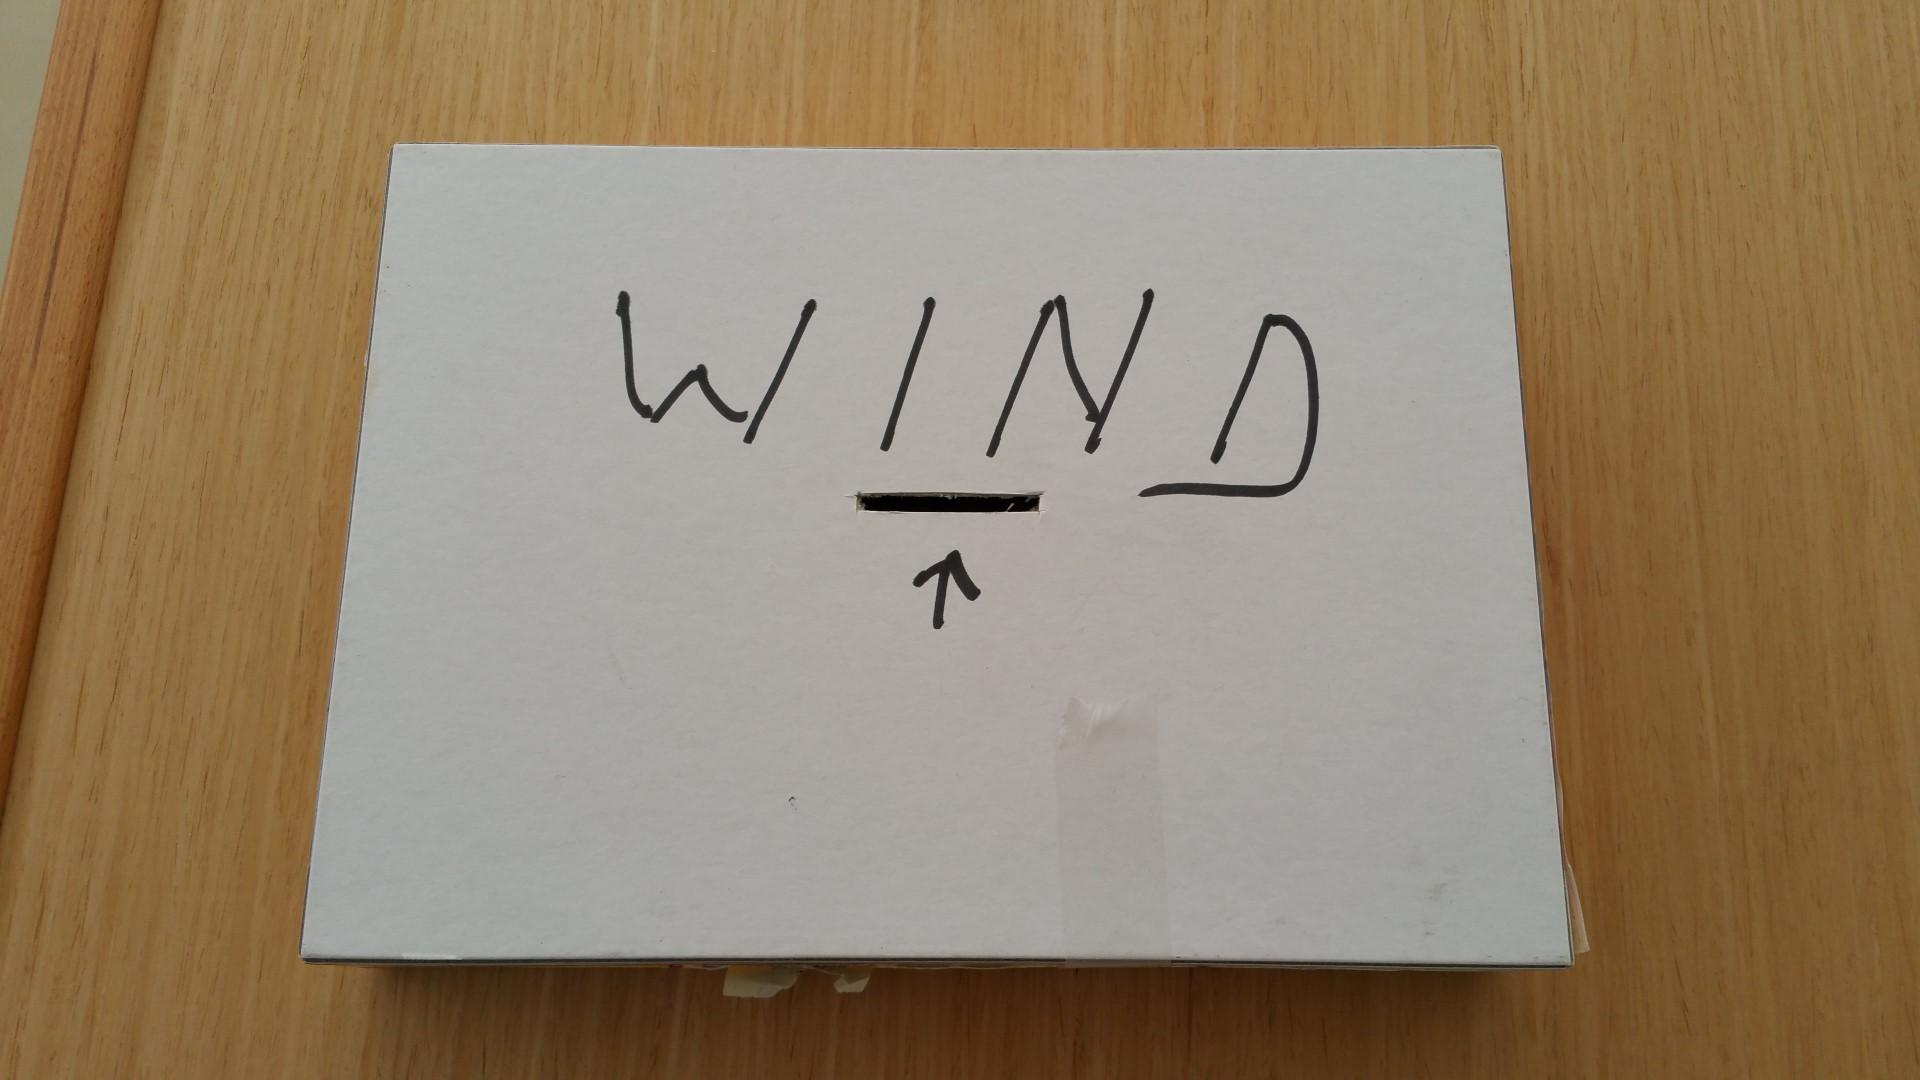 Wind (written on paper)